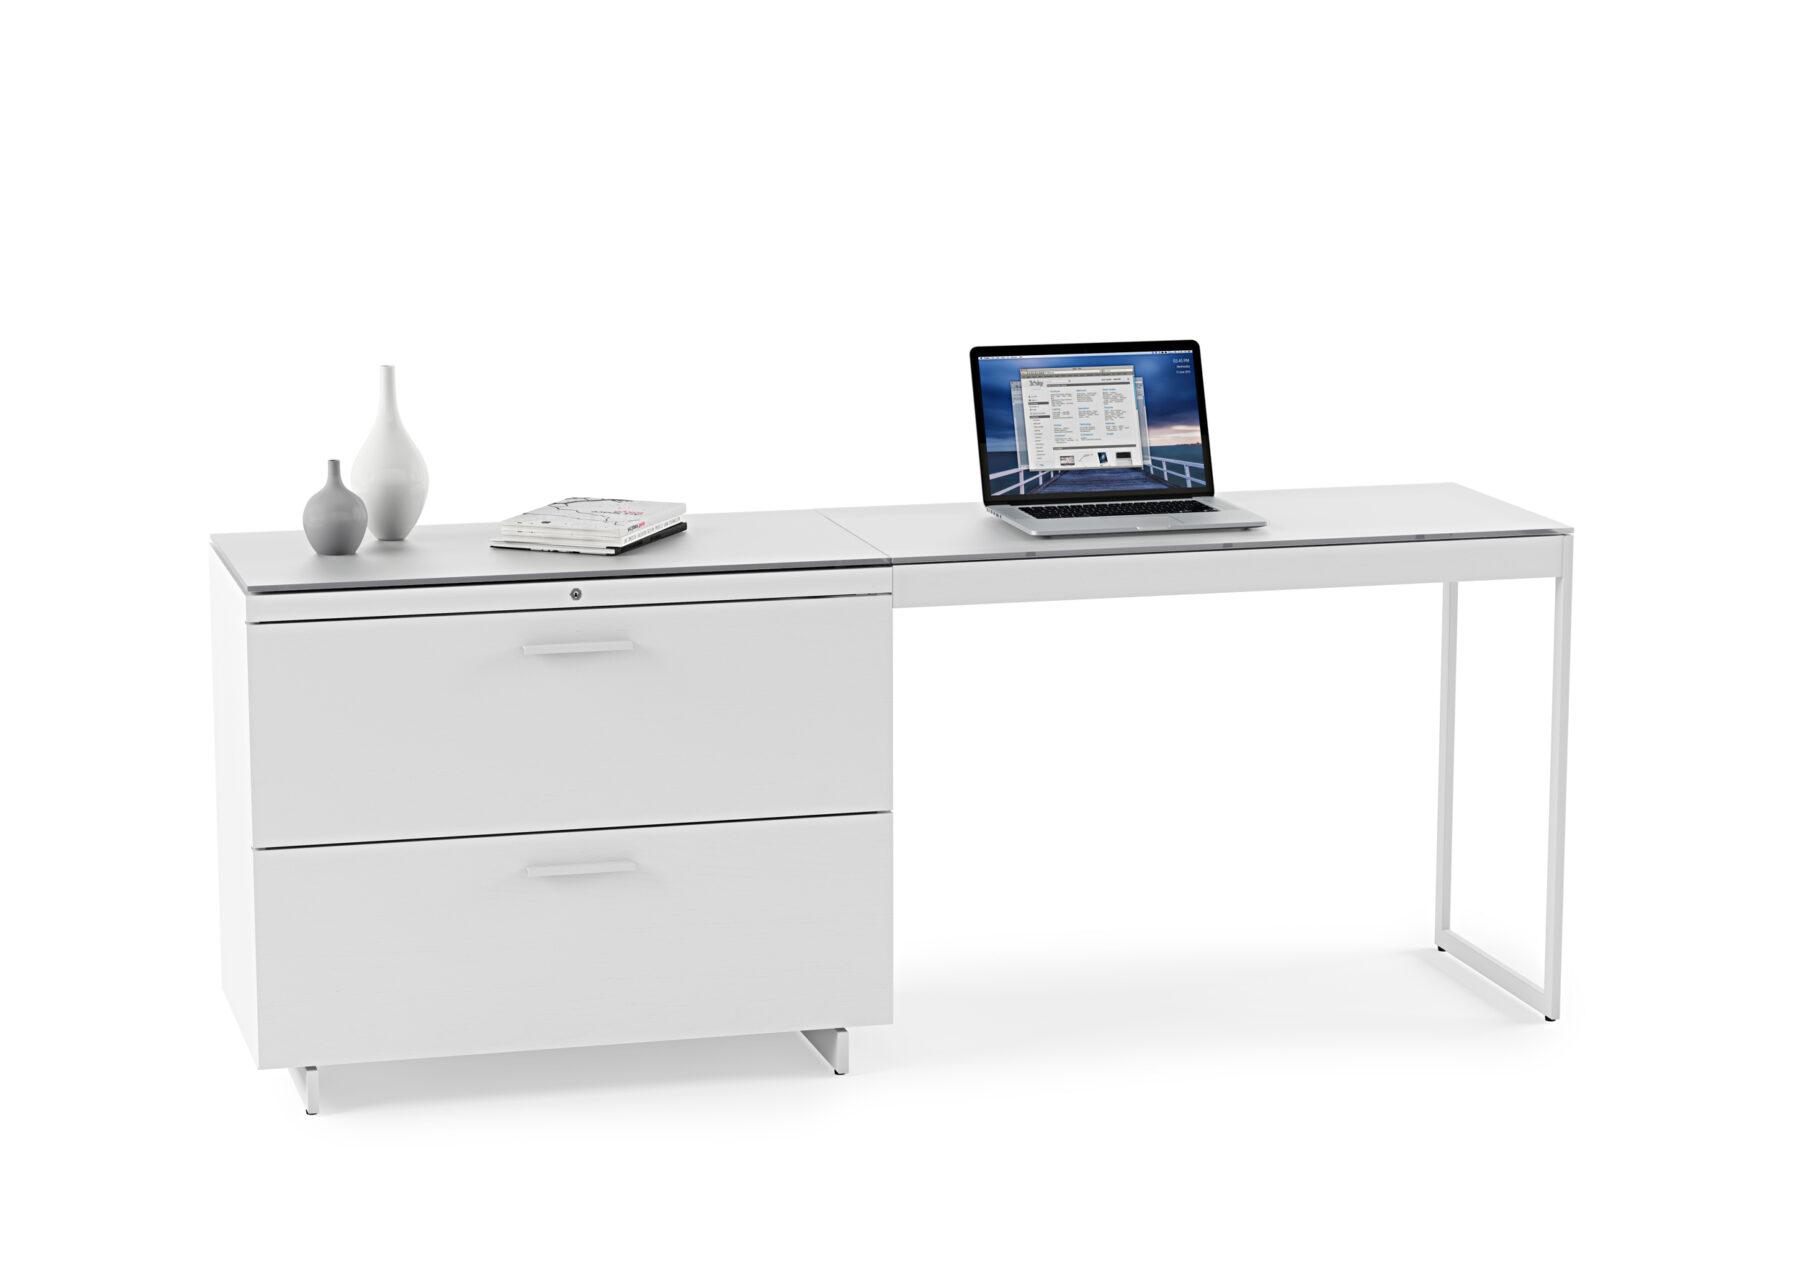 centro-office-bdi-return-6402-file-6416